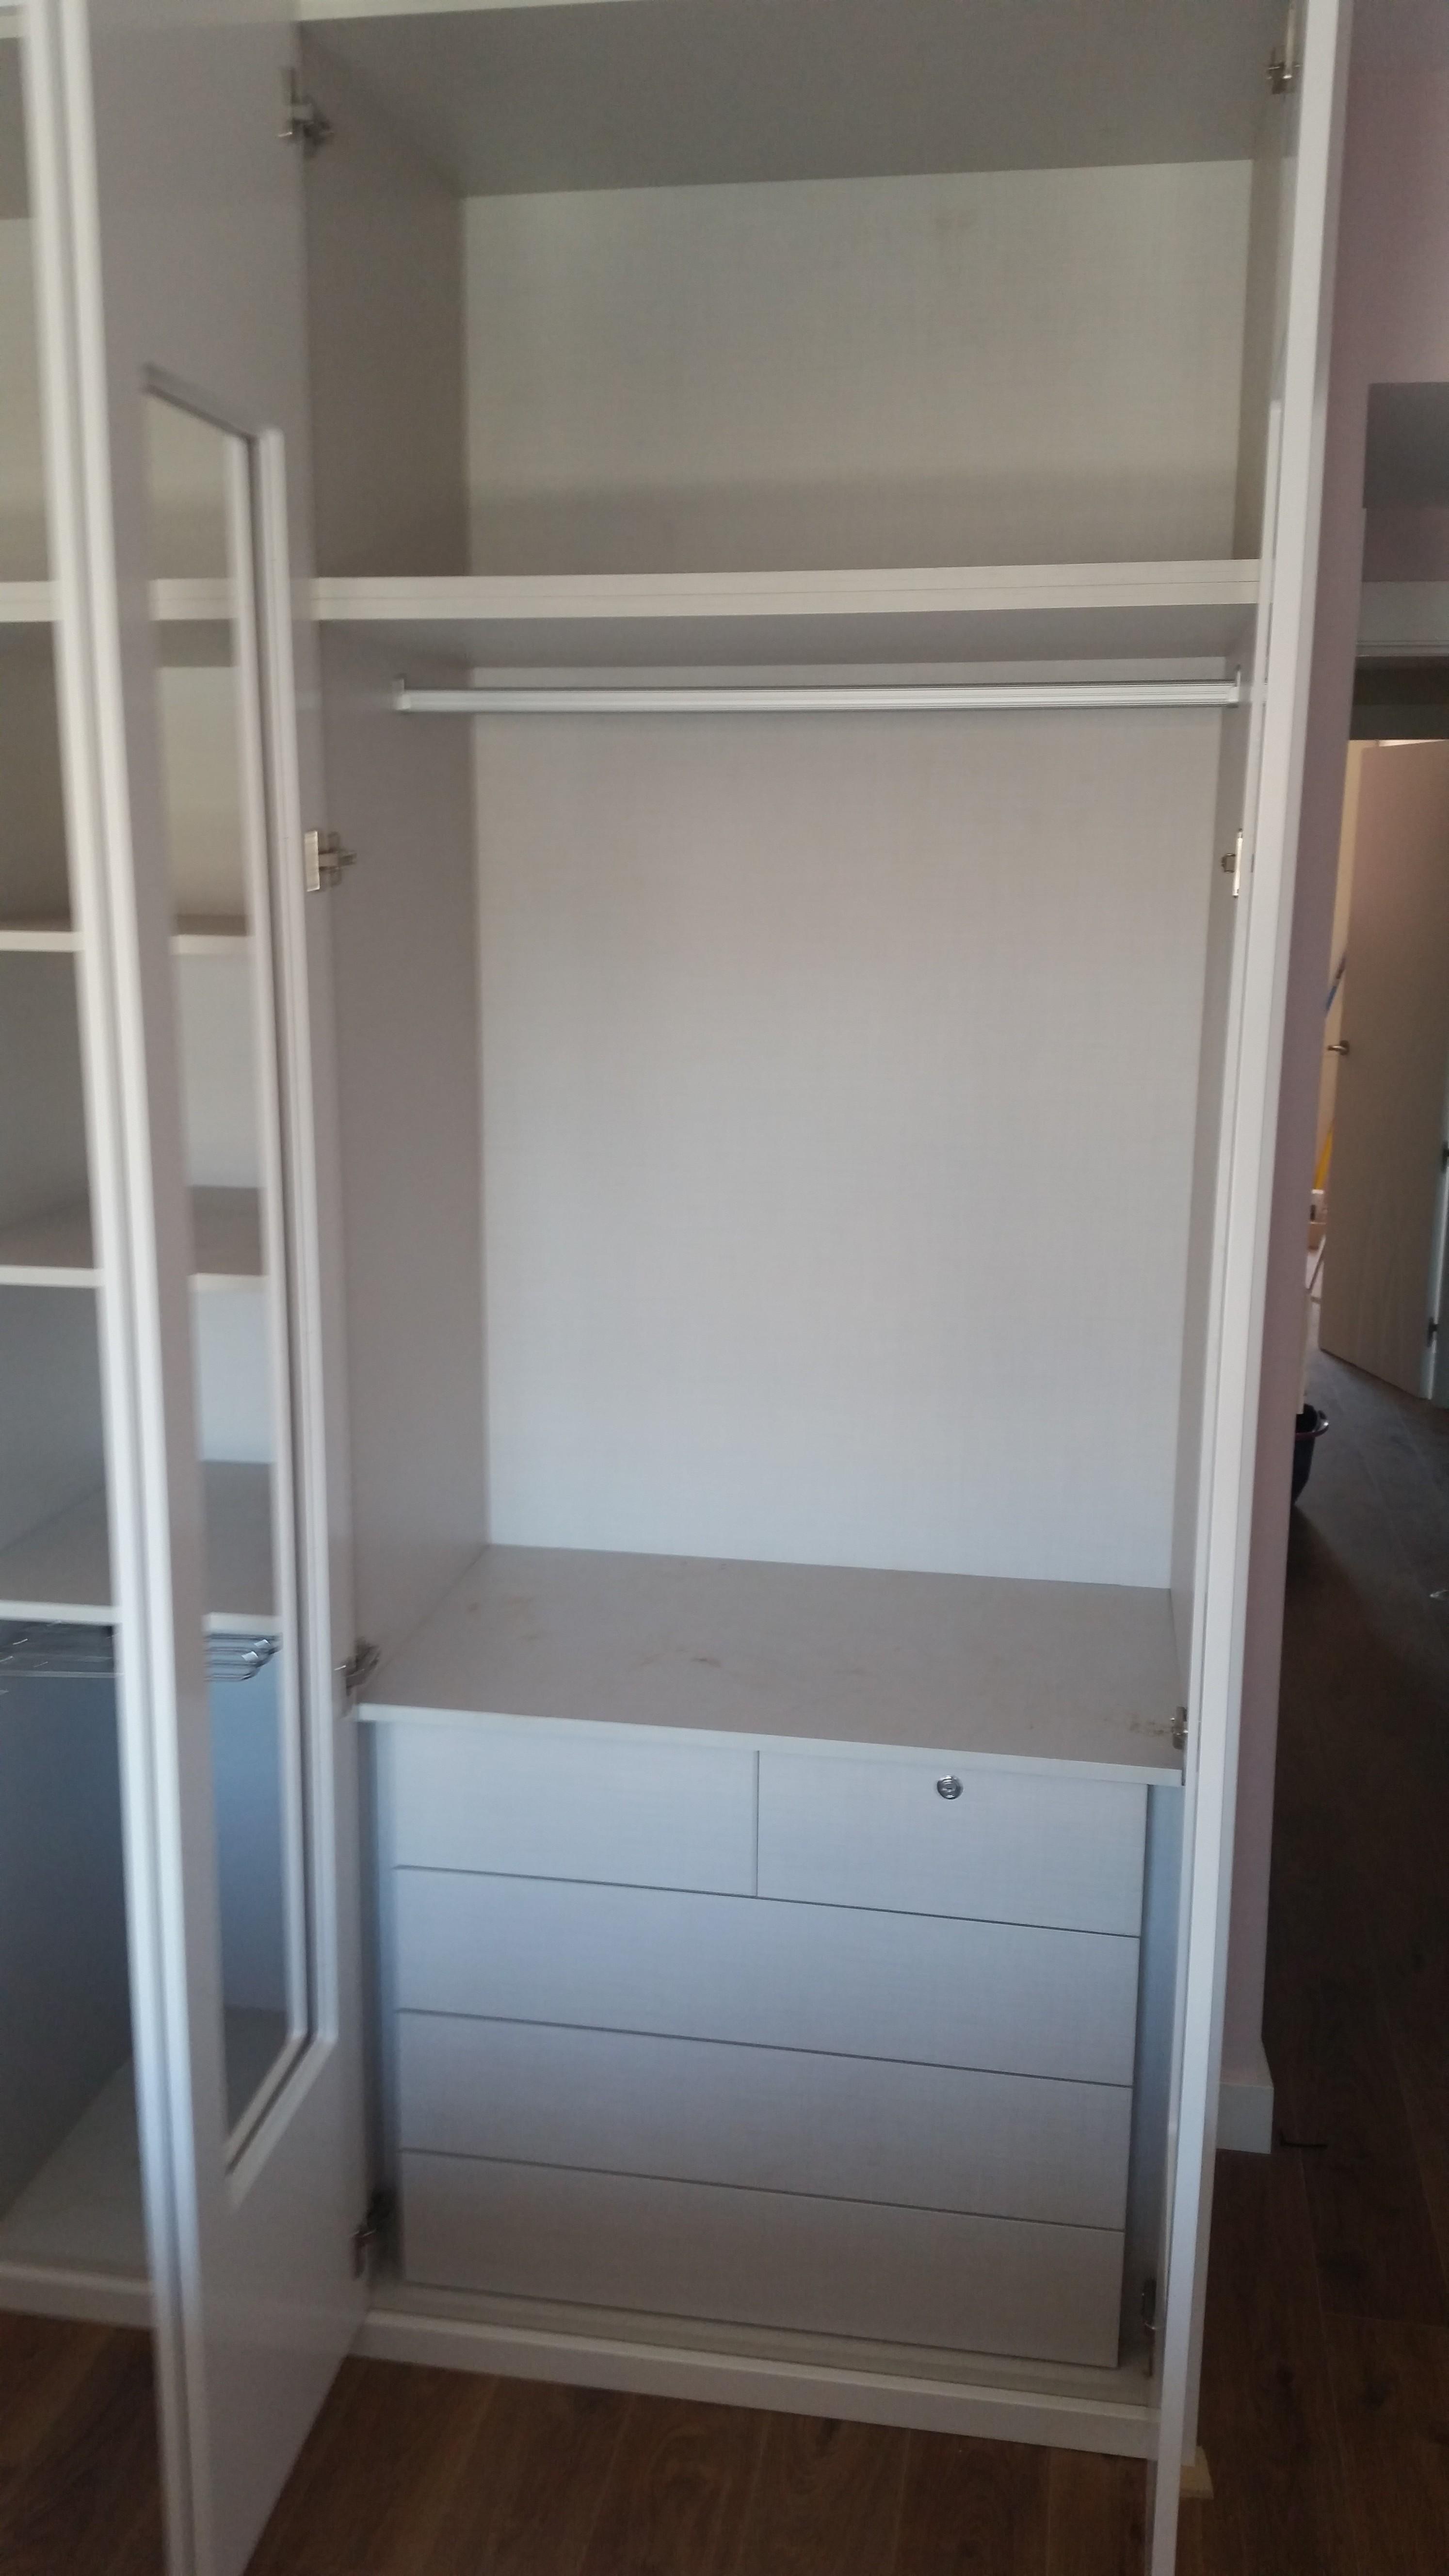 Cajoneras para interior de armarios interesting cajonera cajones para interior de armario - Cajonera interior armario ...